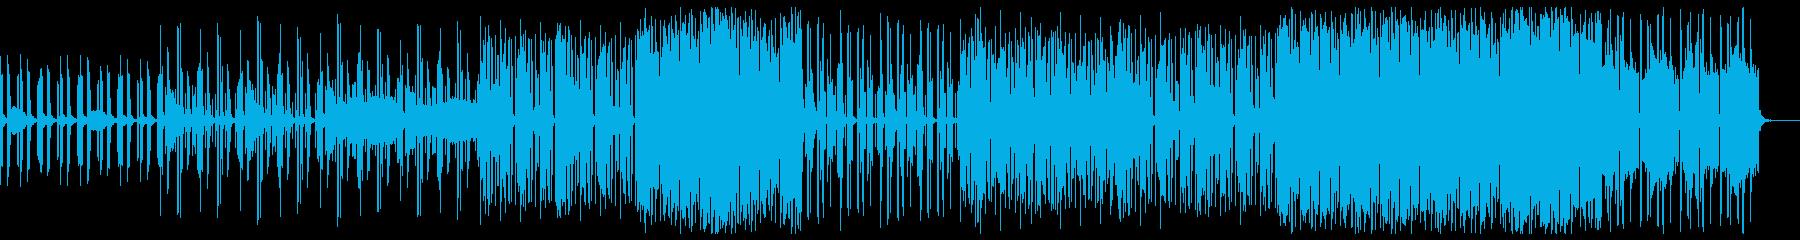 後悔/懺悔/自白/悲壮感/ヒップホップの再生済みの波形